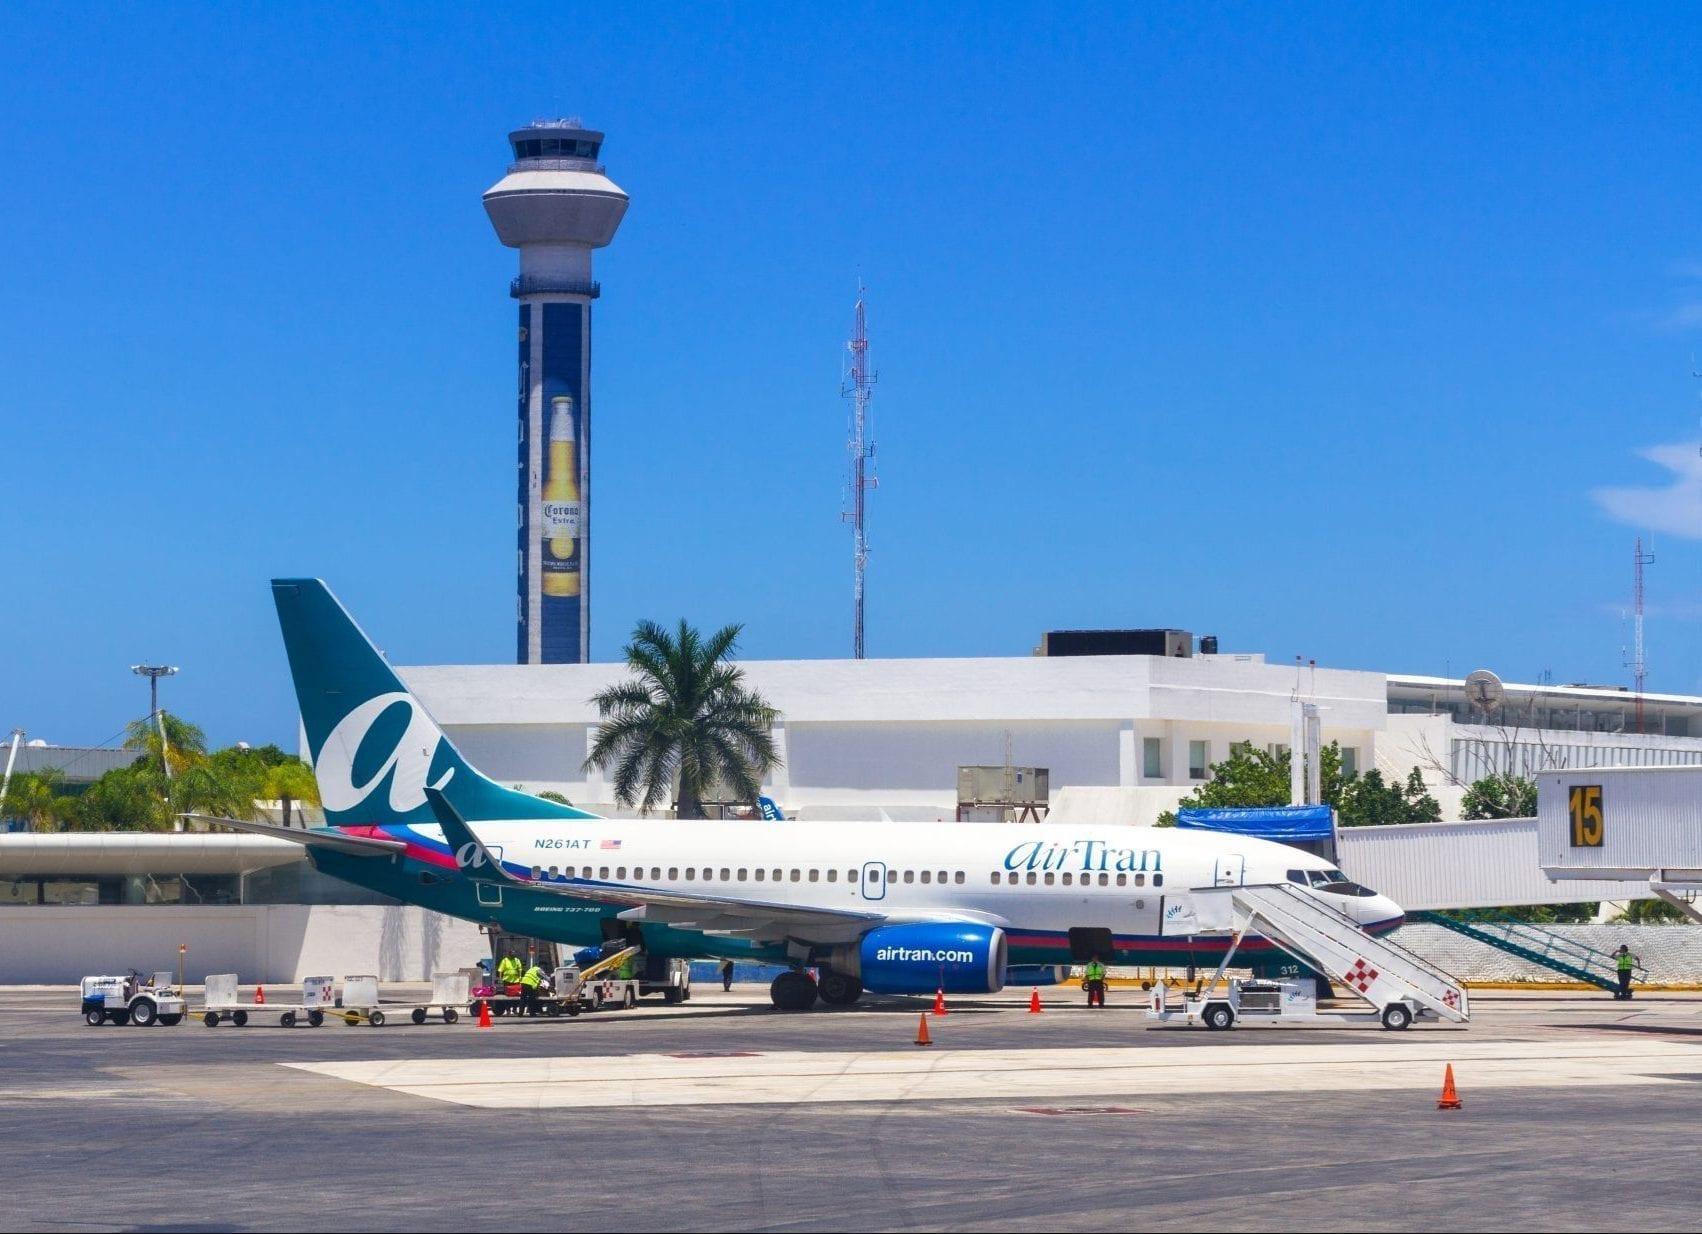 Cómo ir del Aeropuerto Internacional de Cancún a tu hotel